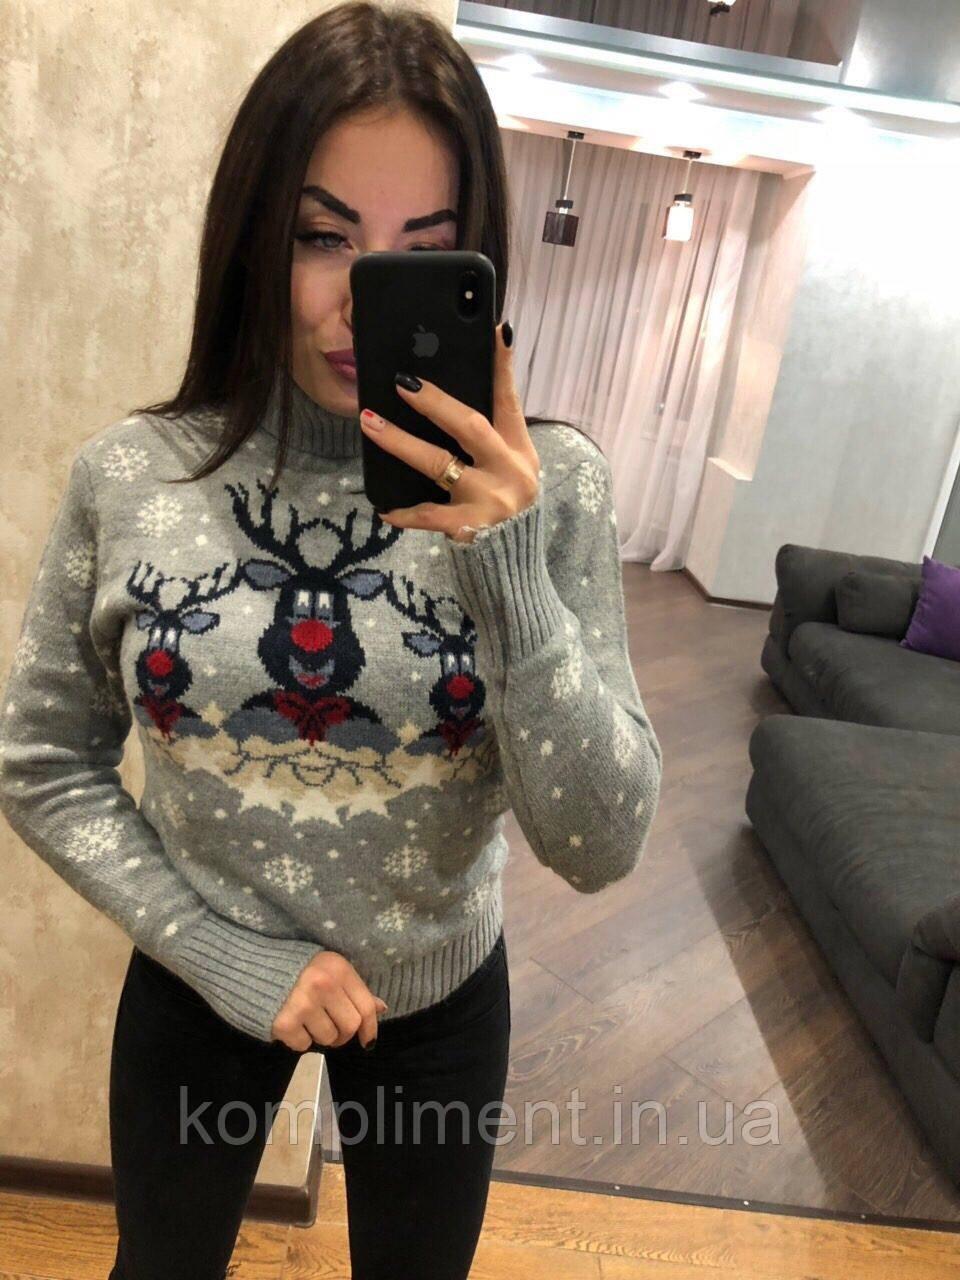 Жіночий в'язаний светр з зимовим принтом, світло сірий.Туреччина